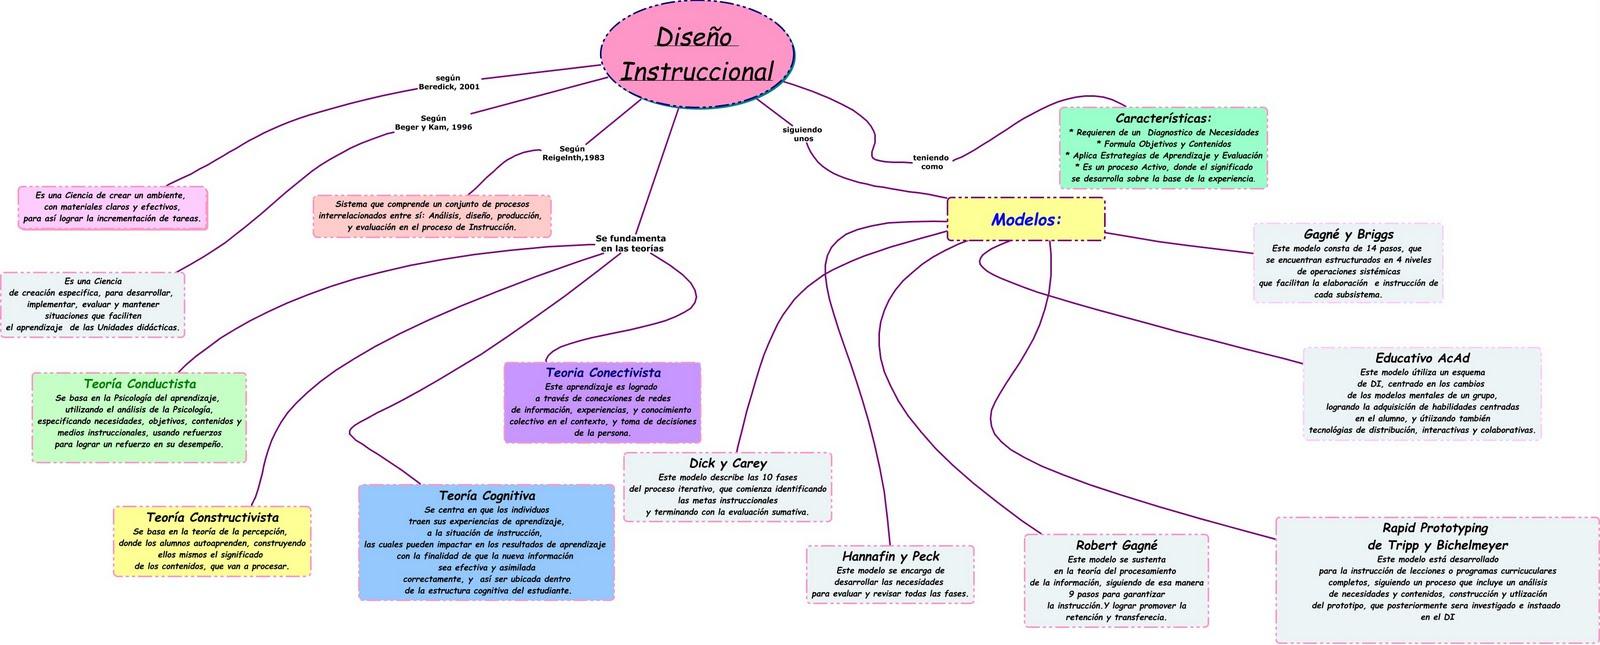 Desarrollo y Diseño Instruccional UCV Oly RCO: Diseño y Desarrollo ...